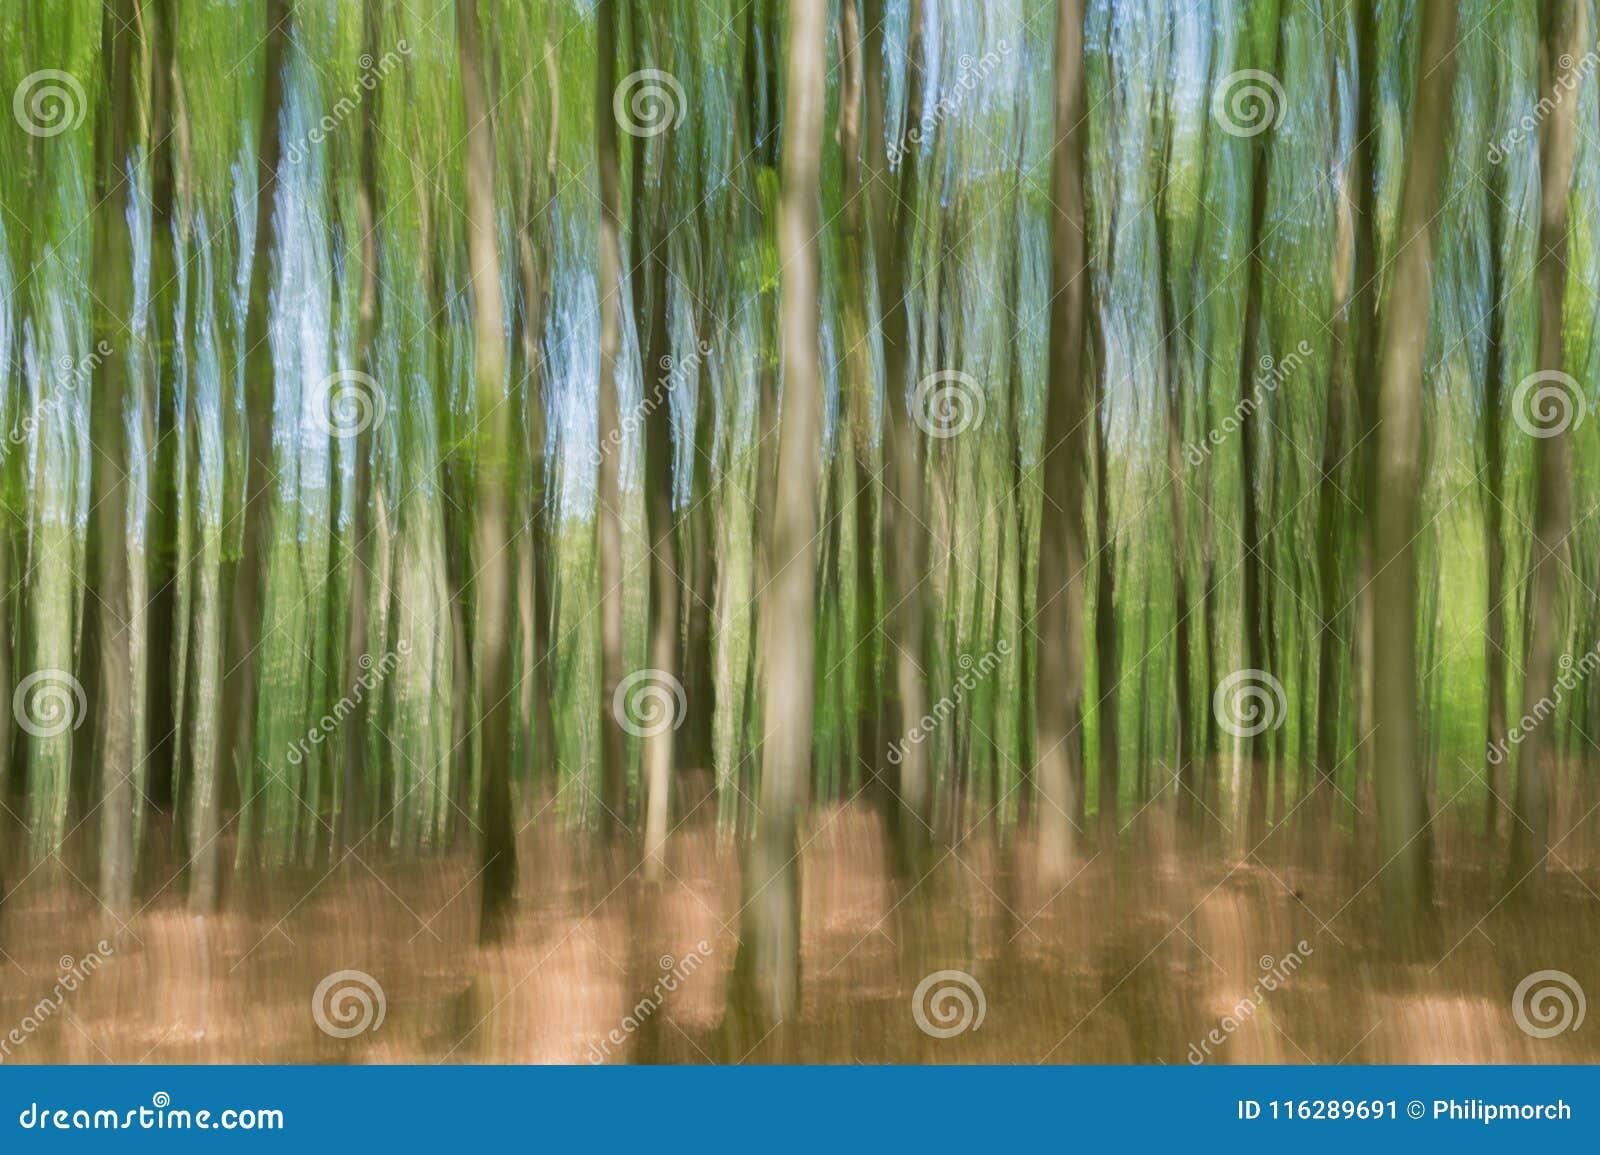 Realidad no vista: Vista borrosa de los árboles de haya jovenes en primavera